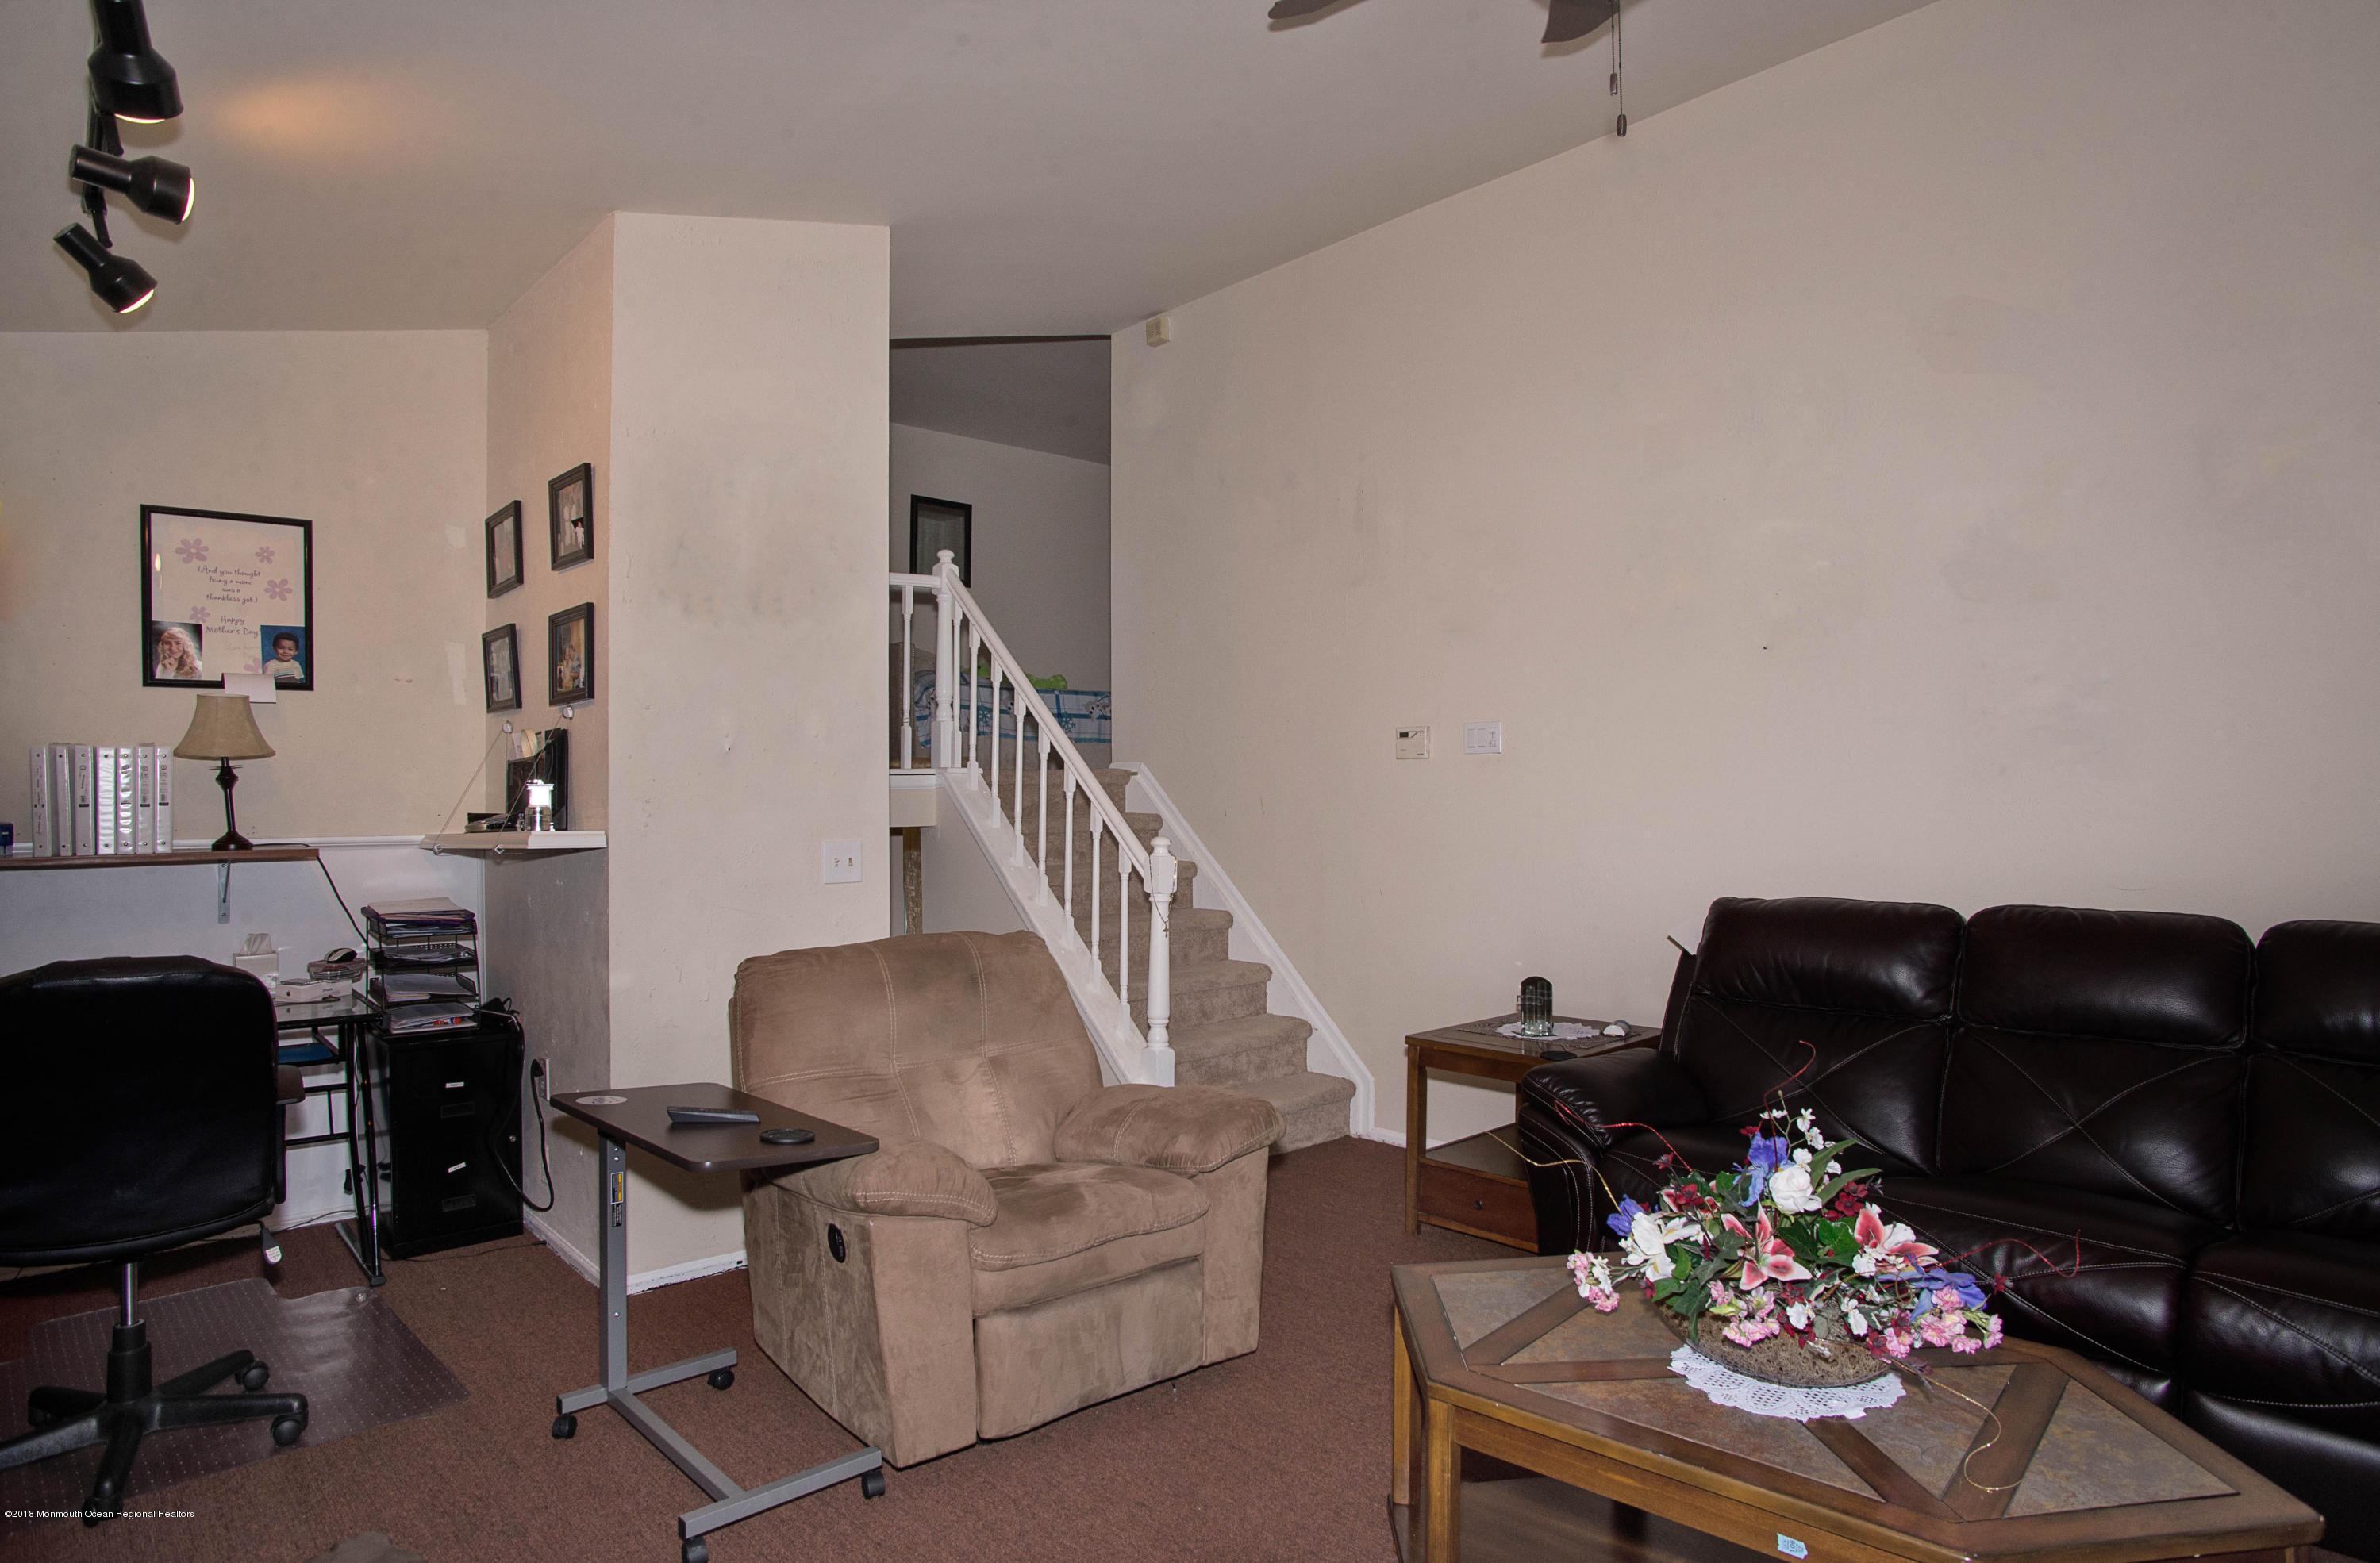 _RMJ7269.jpg family room